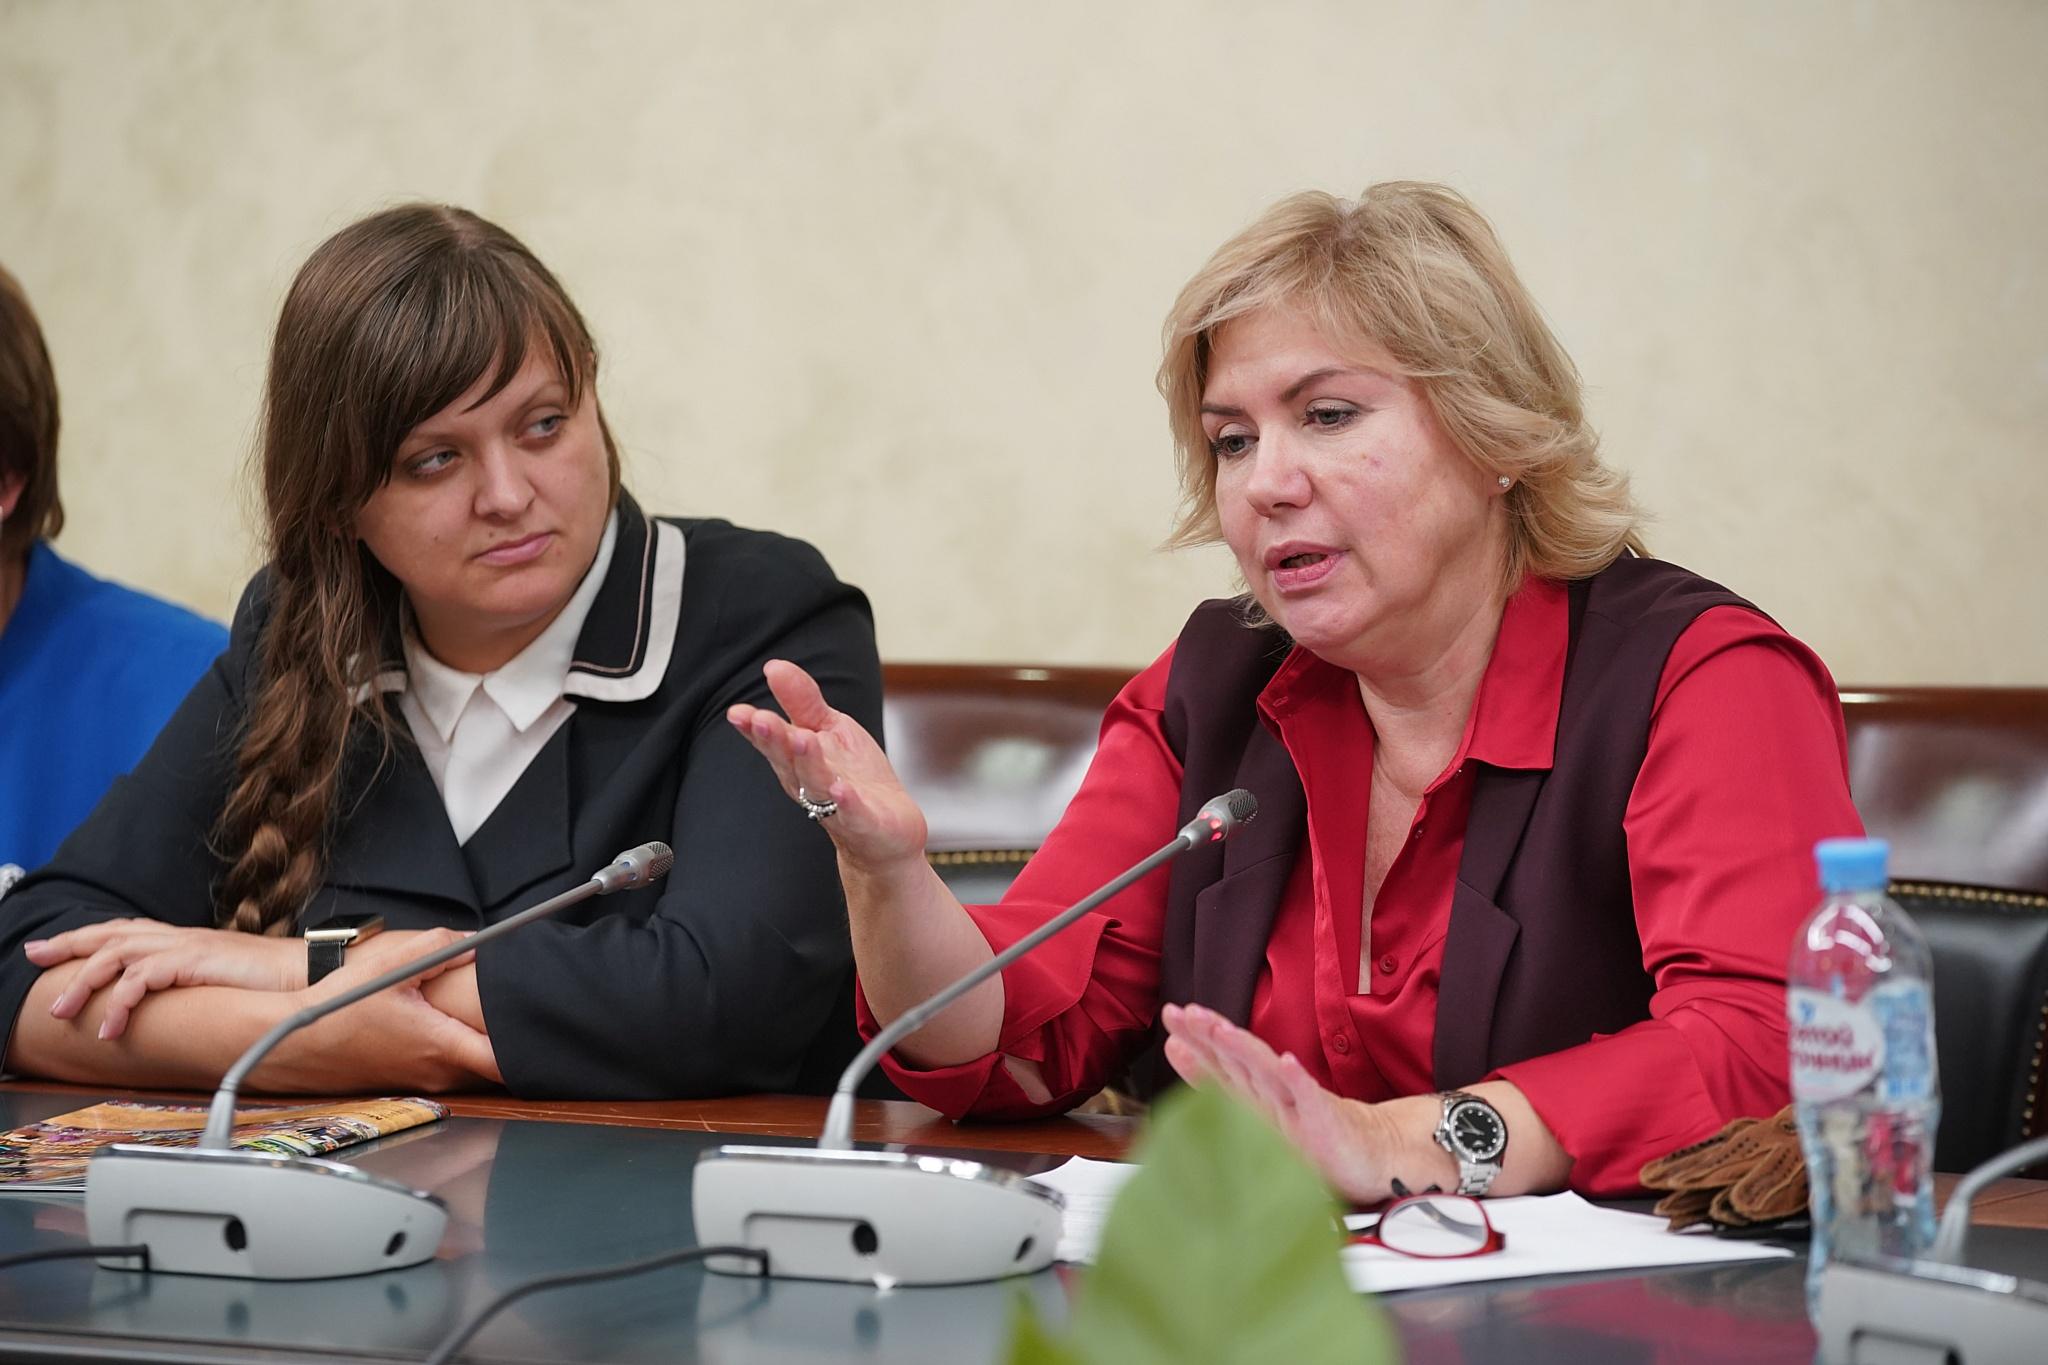 Анна Станиславовна Золотаревская делится трендами расширения рынка сбыта (включение российских МСП в цепочки ответственных поставщиков крупных компаний)